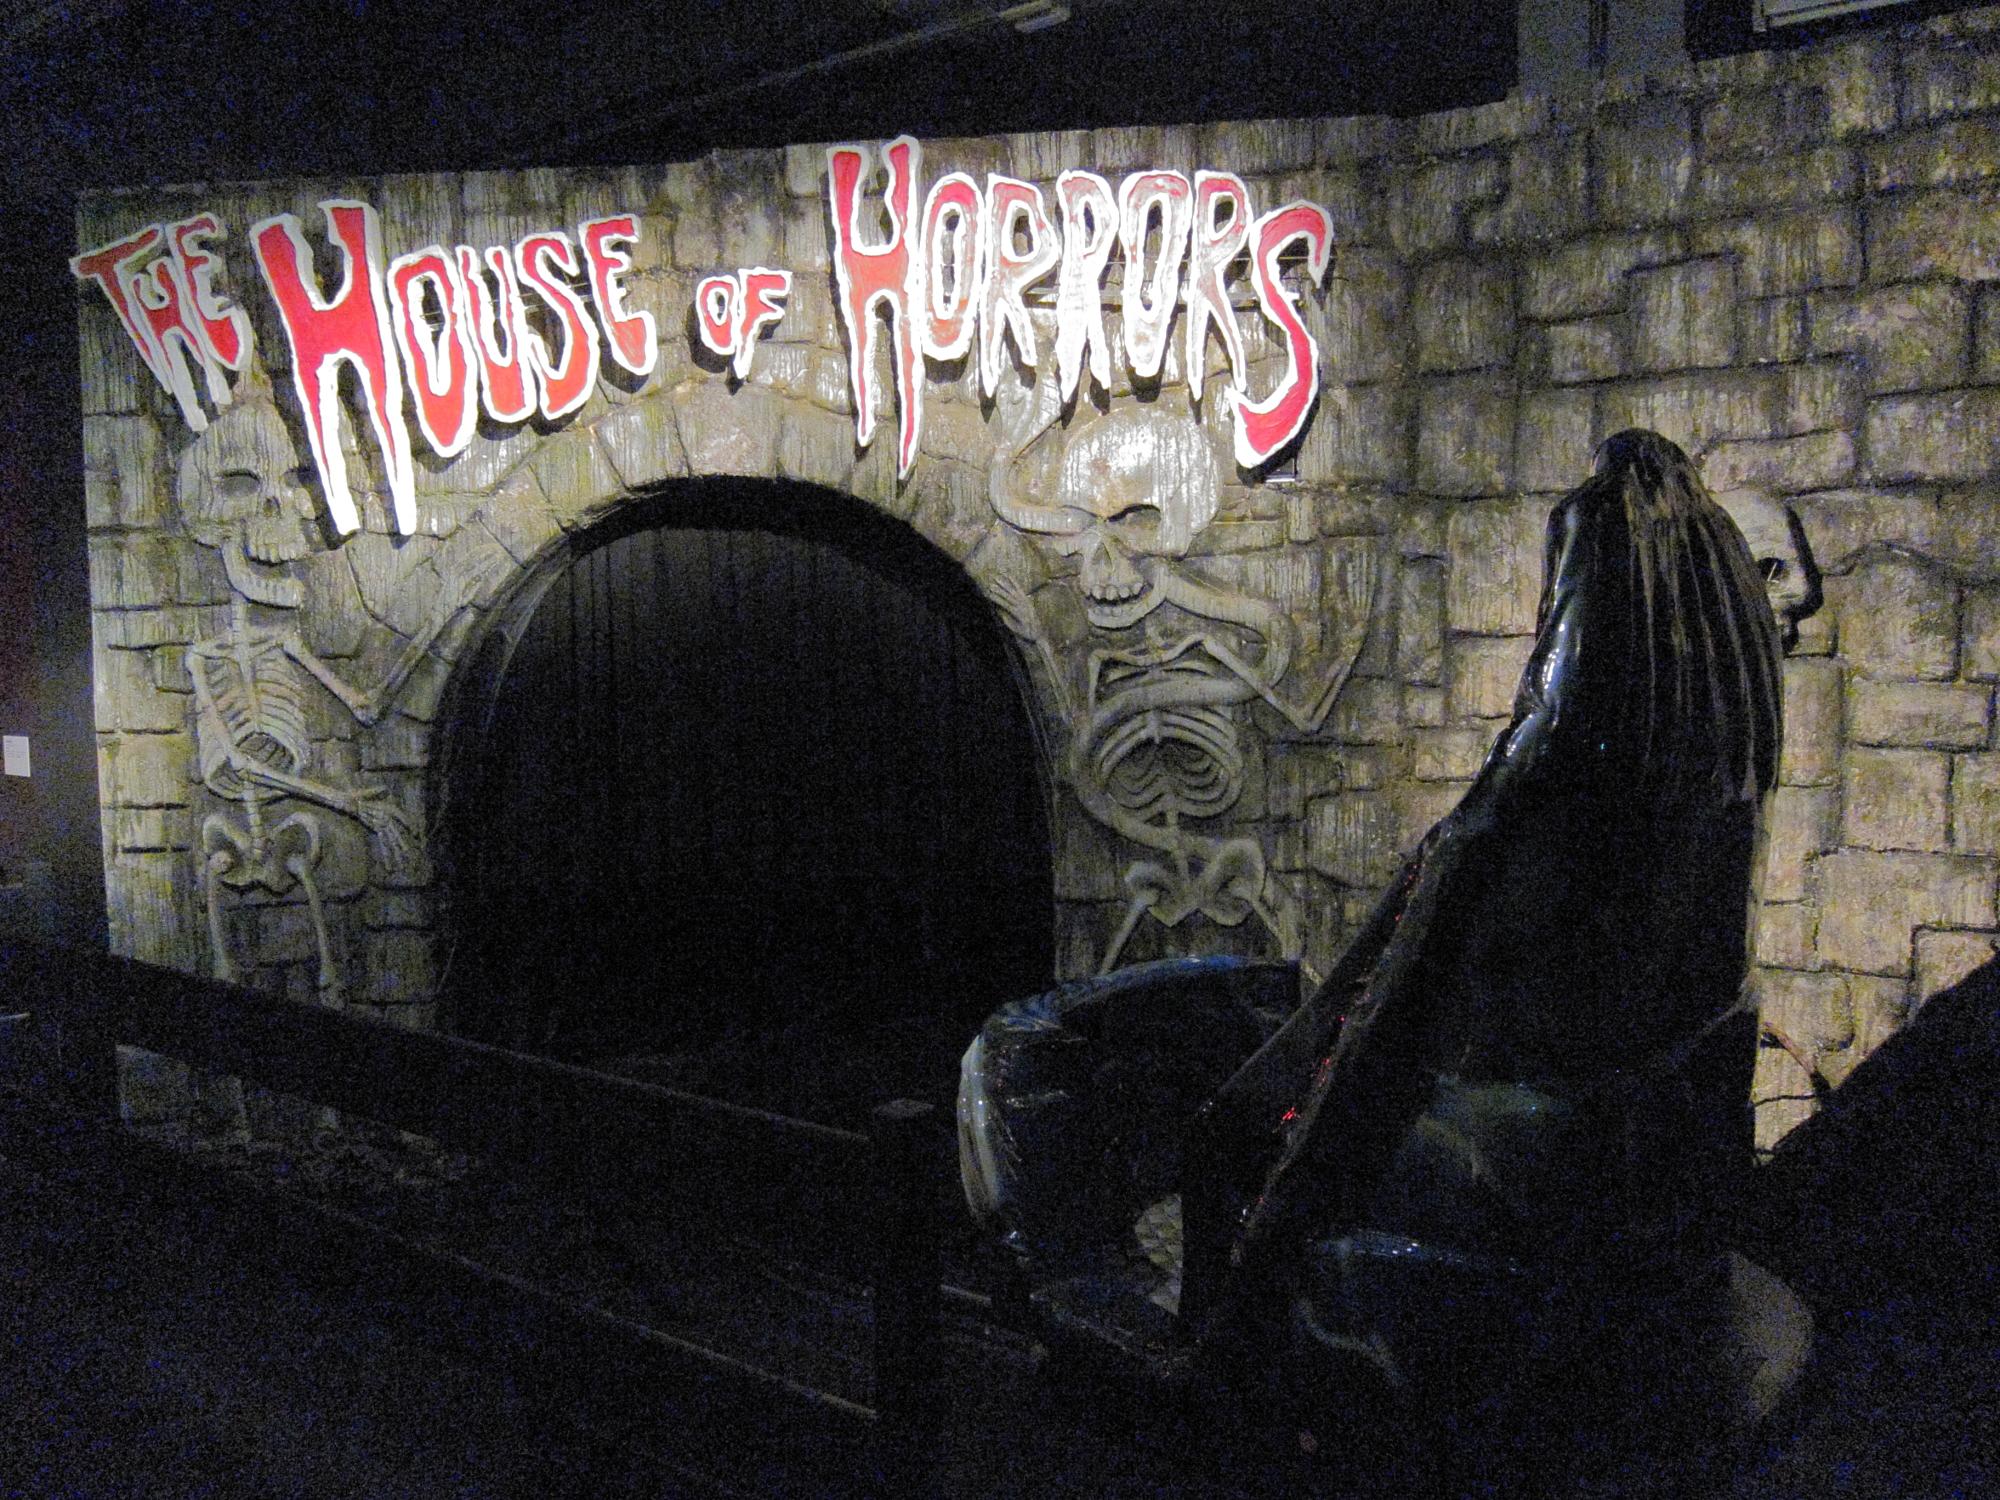 House of Horrors at the Musée d'Art moderne de la Ville de Paris